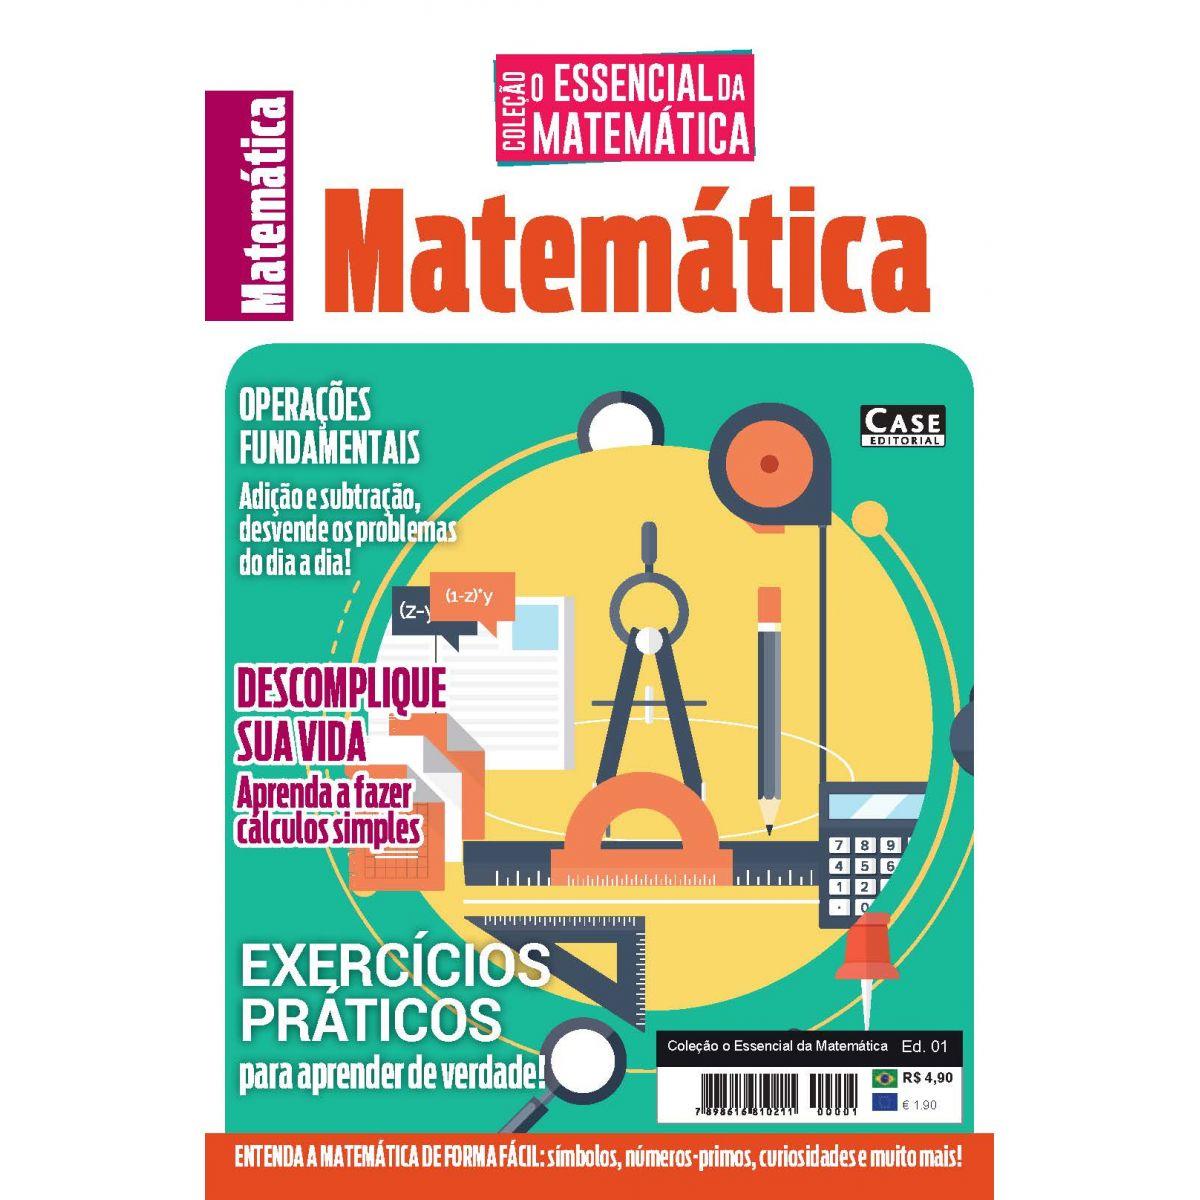 Coleção O Essencial da Matemática Ed. 01 - Exercícios Práticos - VERSÃO PARA DOWNLOAD (PDF)  - Case Editorial